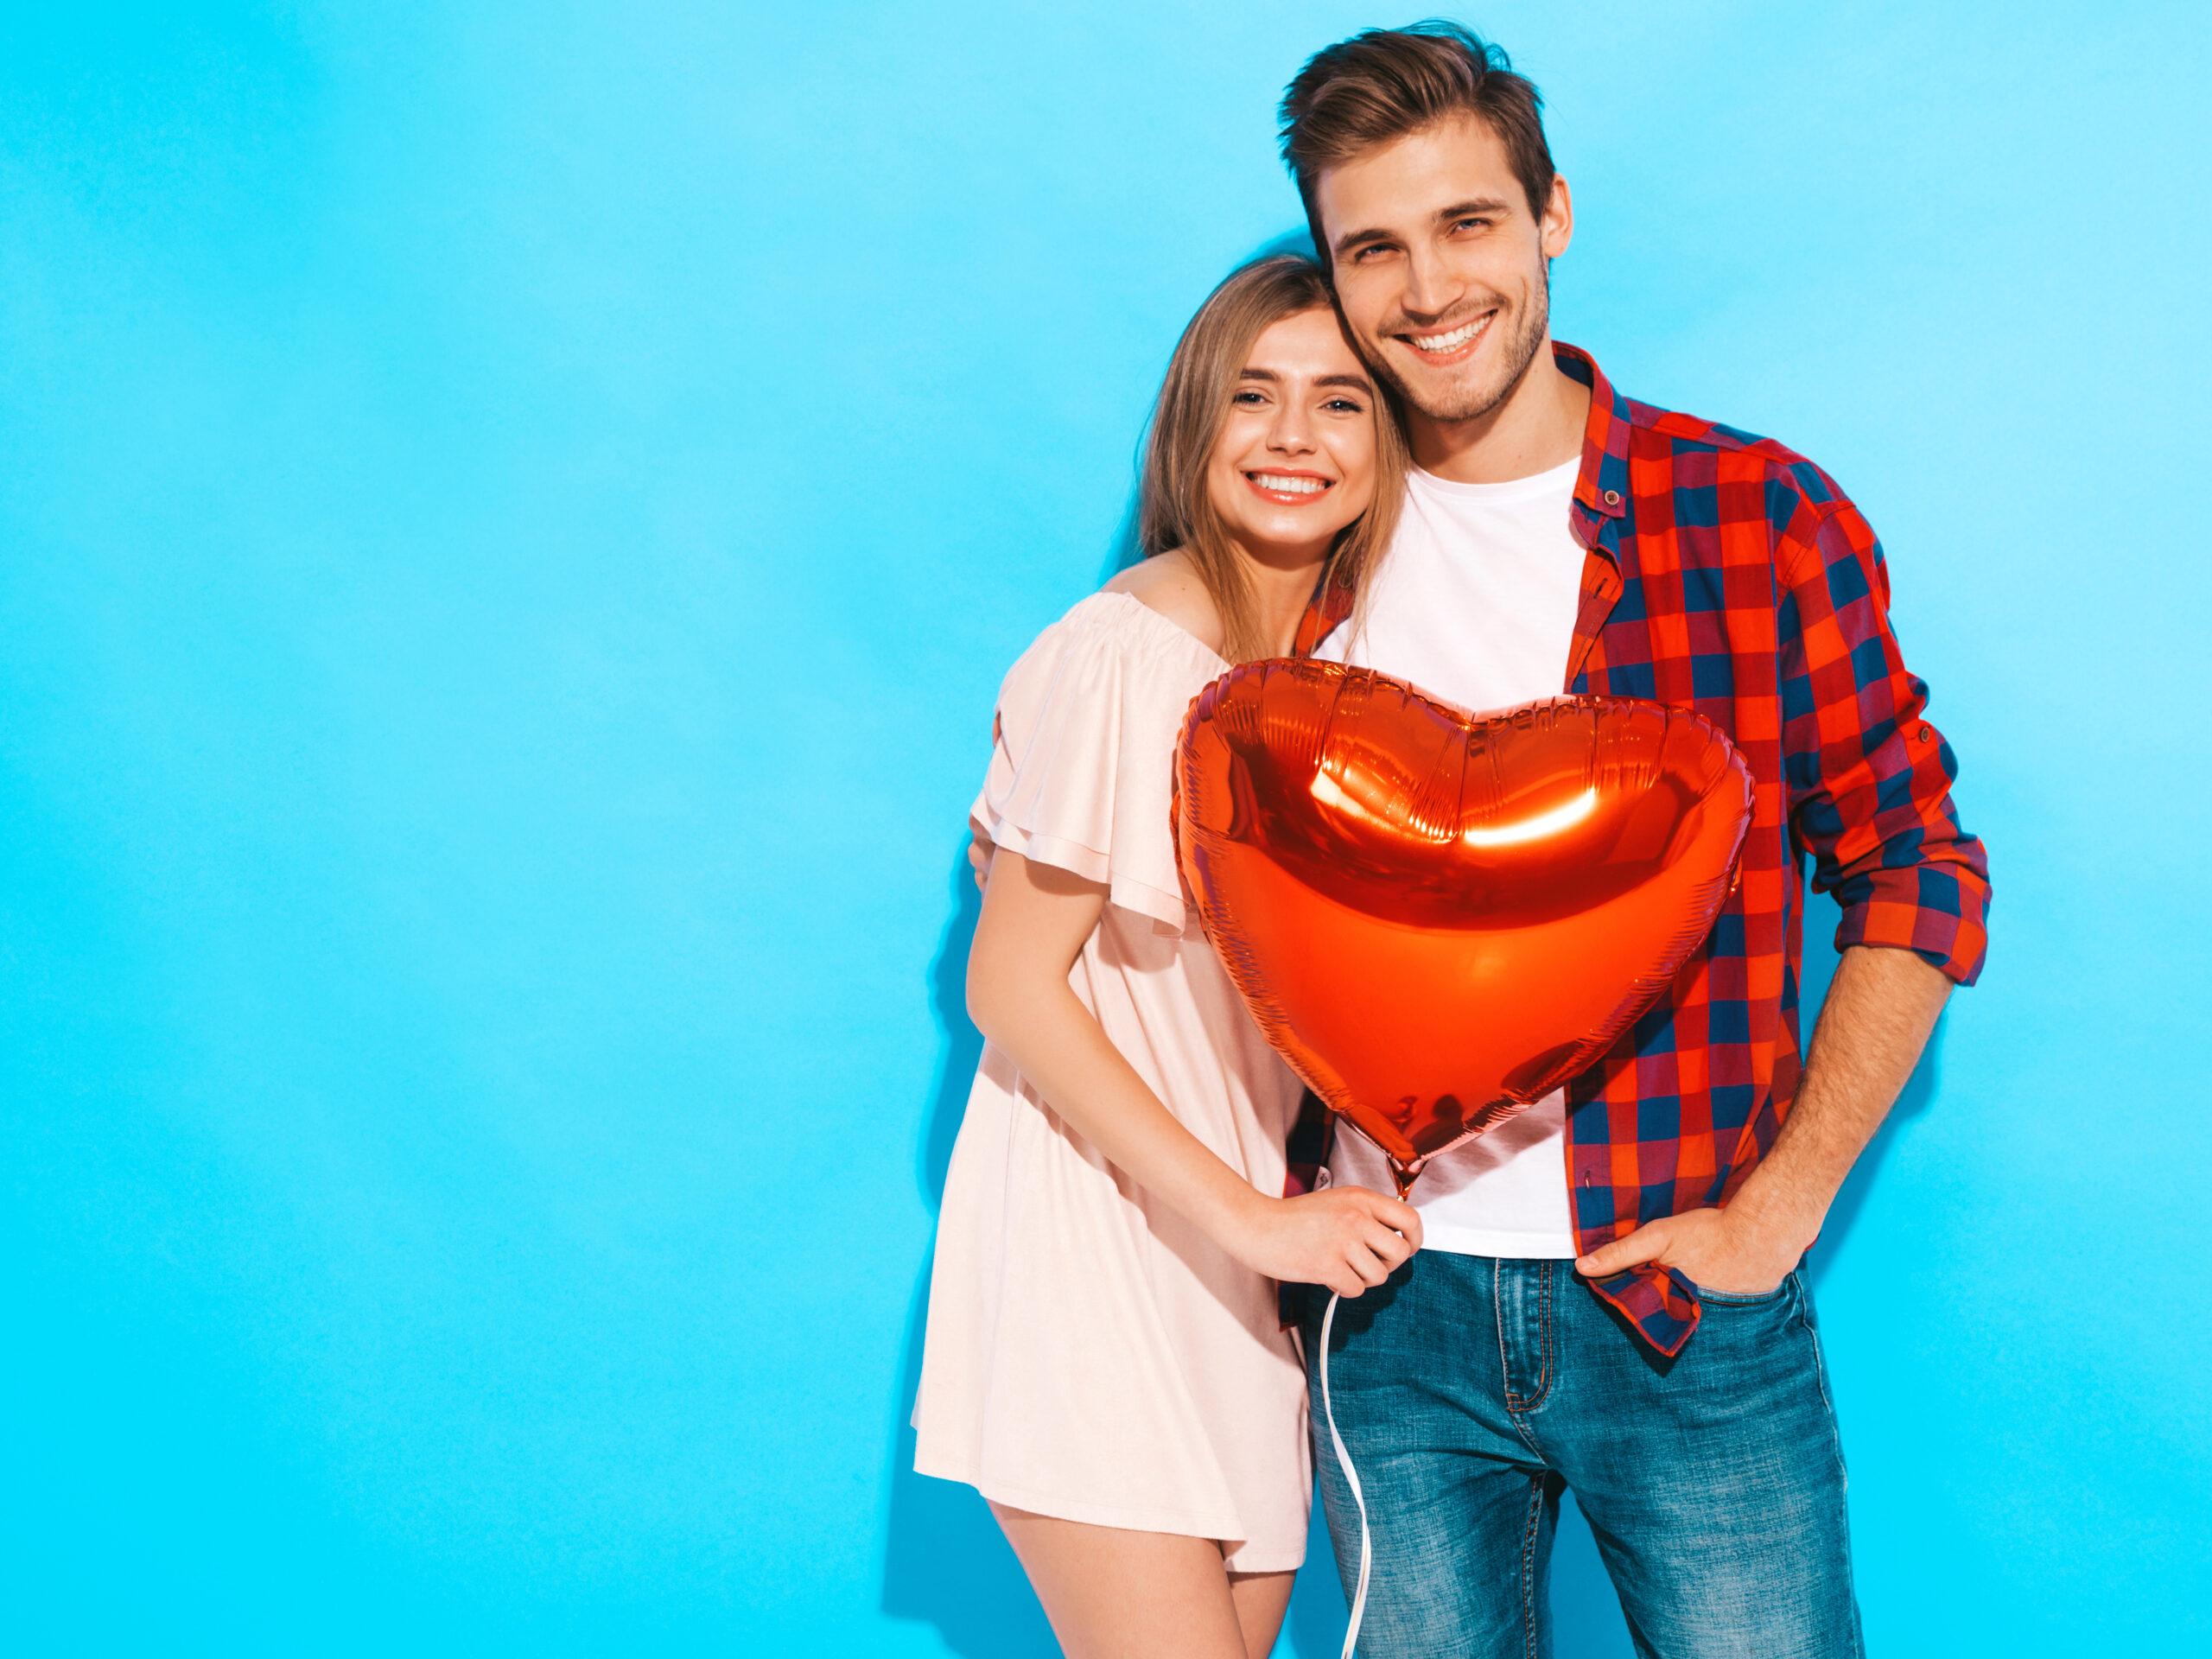 Szczęśliwa para z balonem w kształcie serca